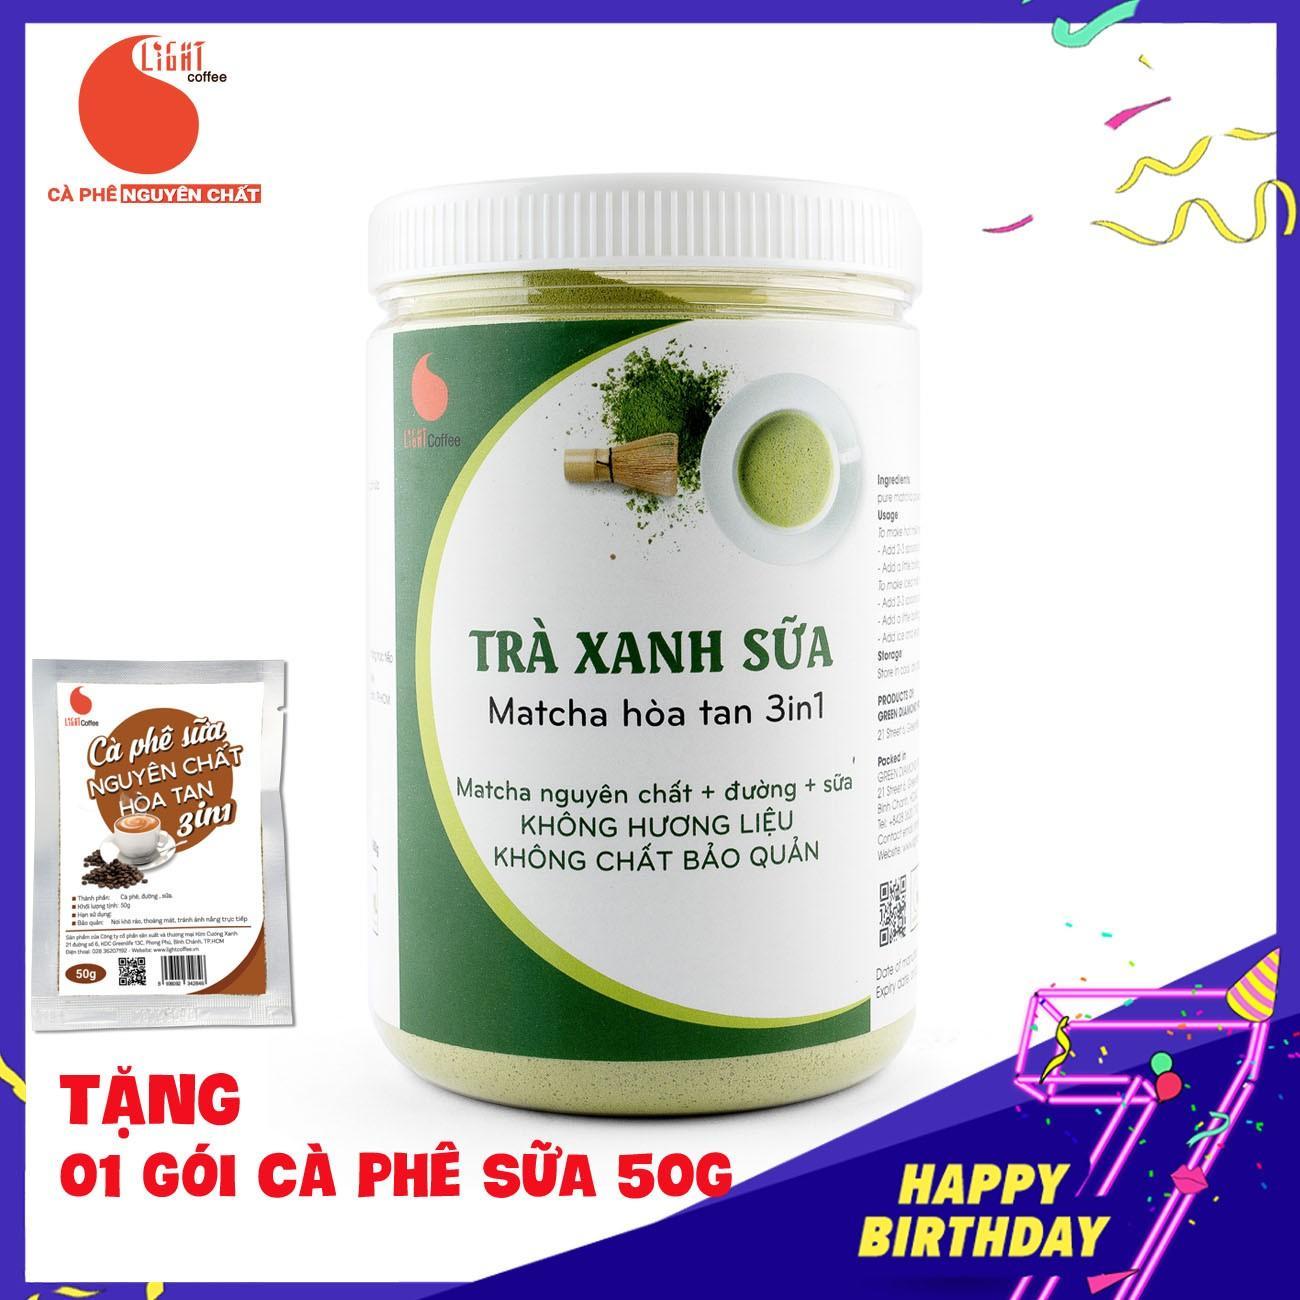 Bột trà xanh sữa 3in1, matcha xuất xứ Nhật Bản, hũ 550g, từ nhà sản xuất Light Coffee